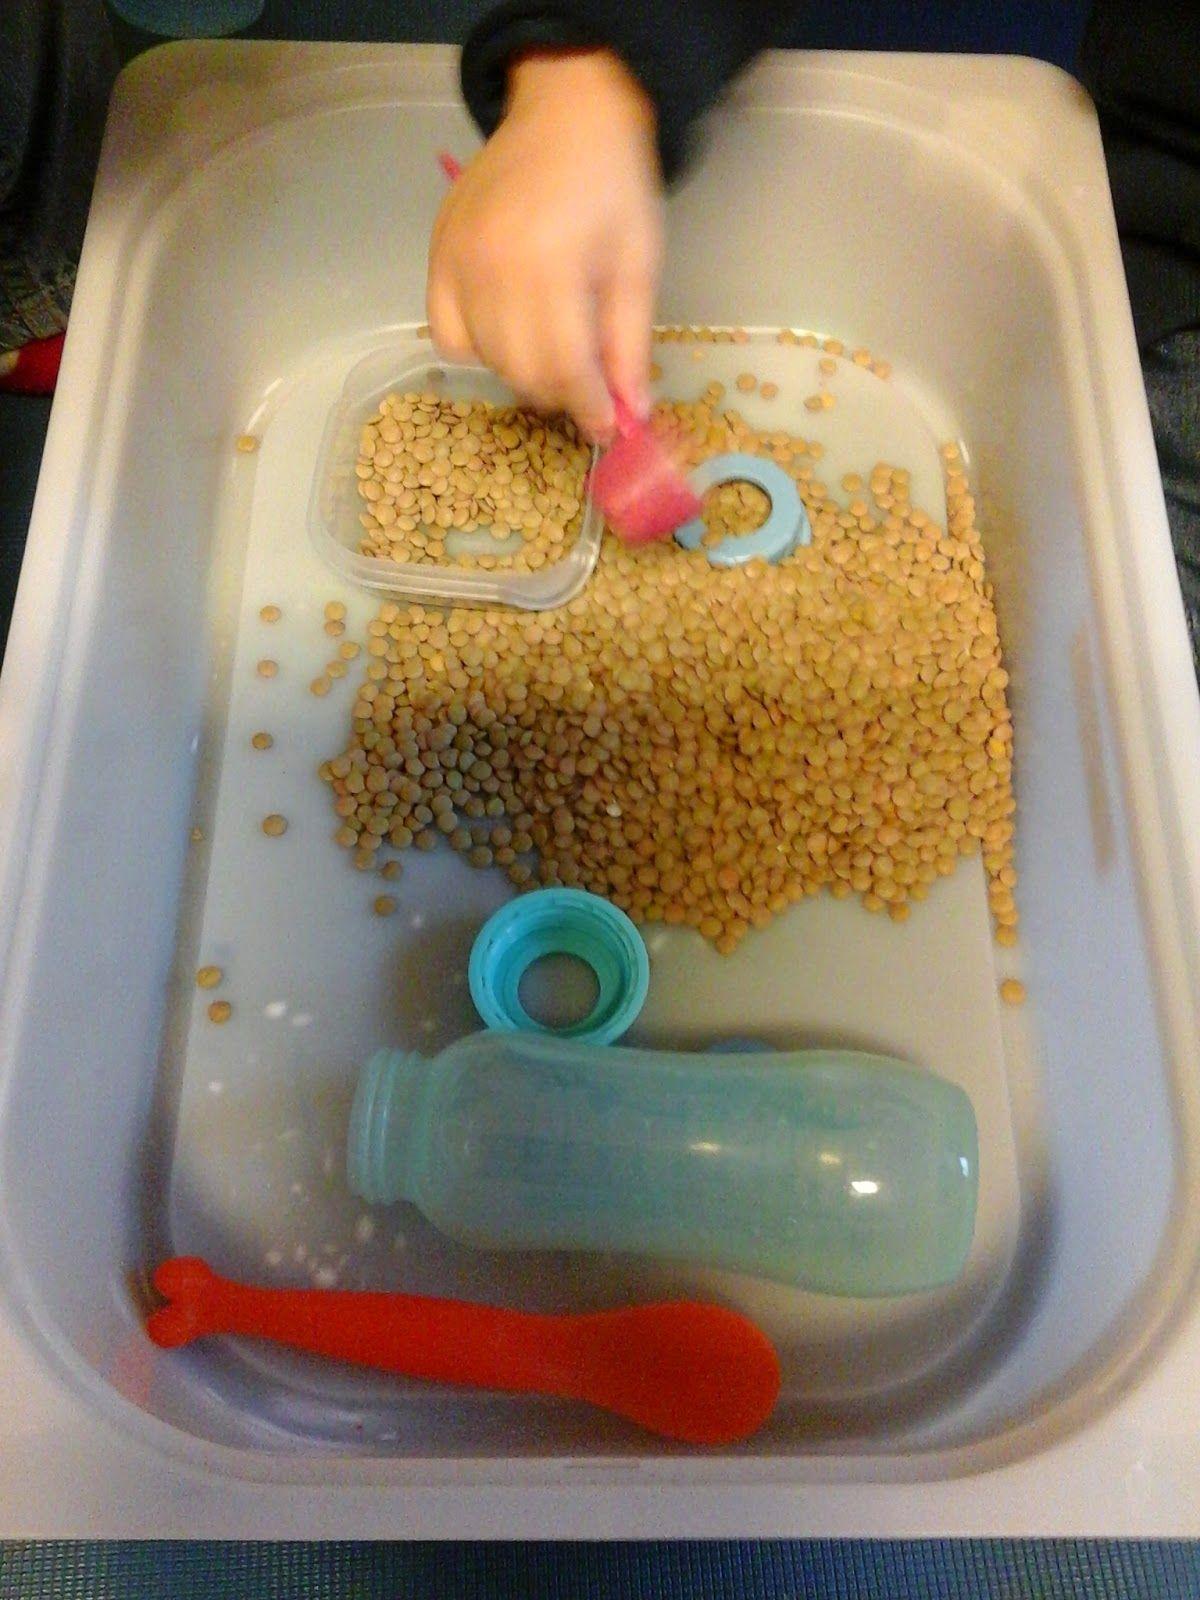 Fühlwanne Linsenbad Spiele für kleinkinder, Spielideen